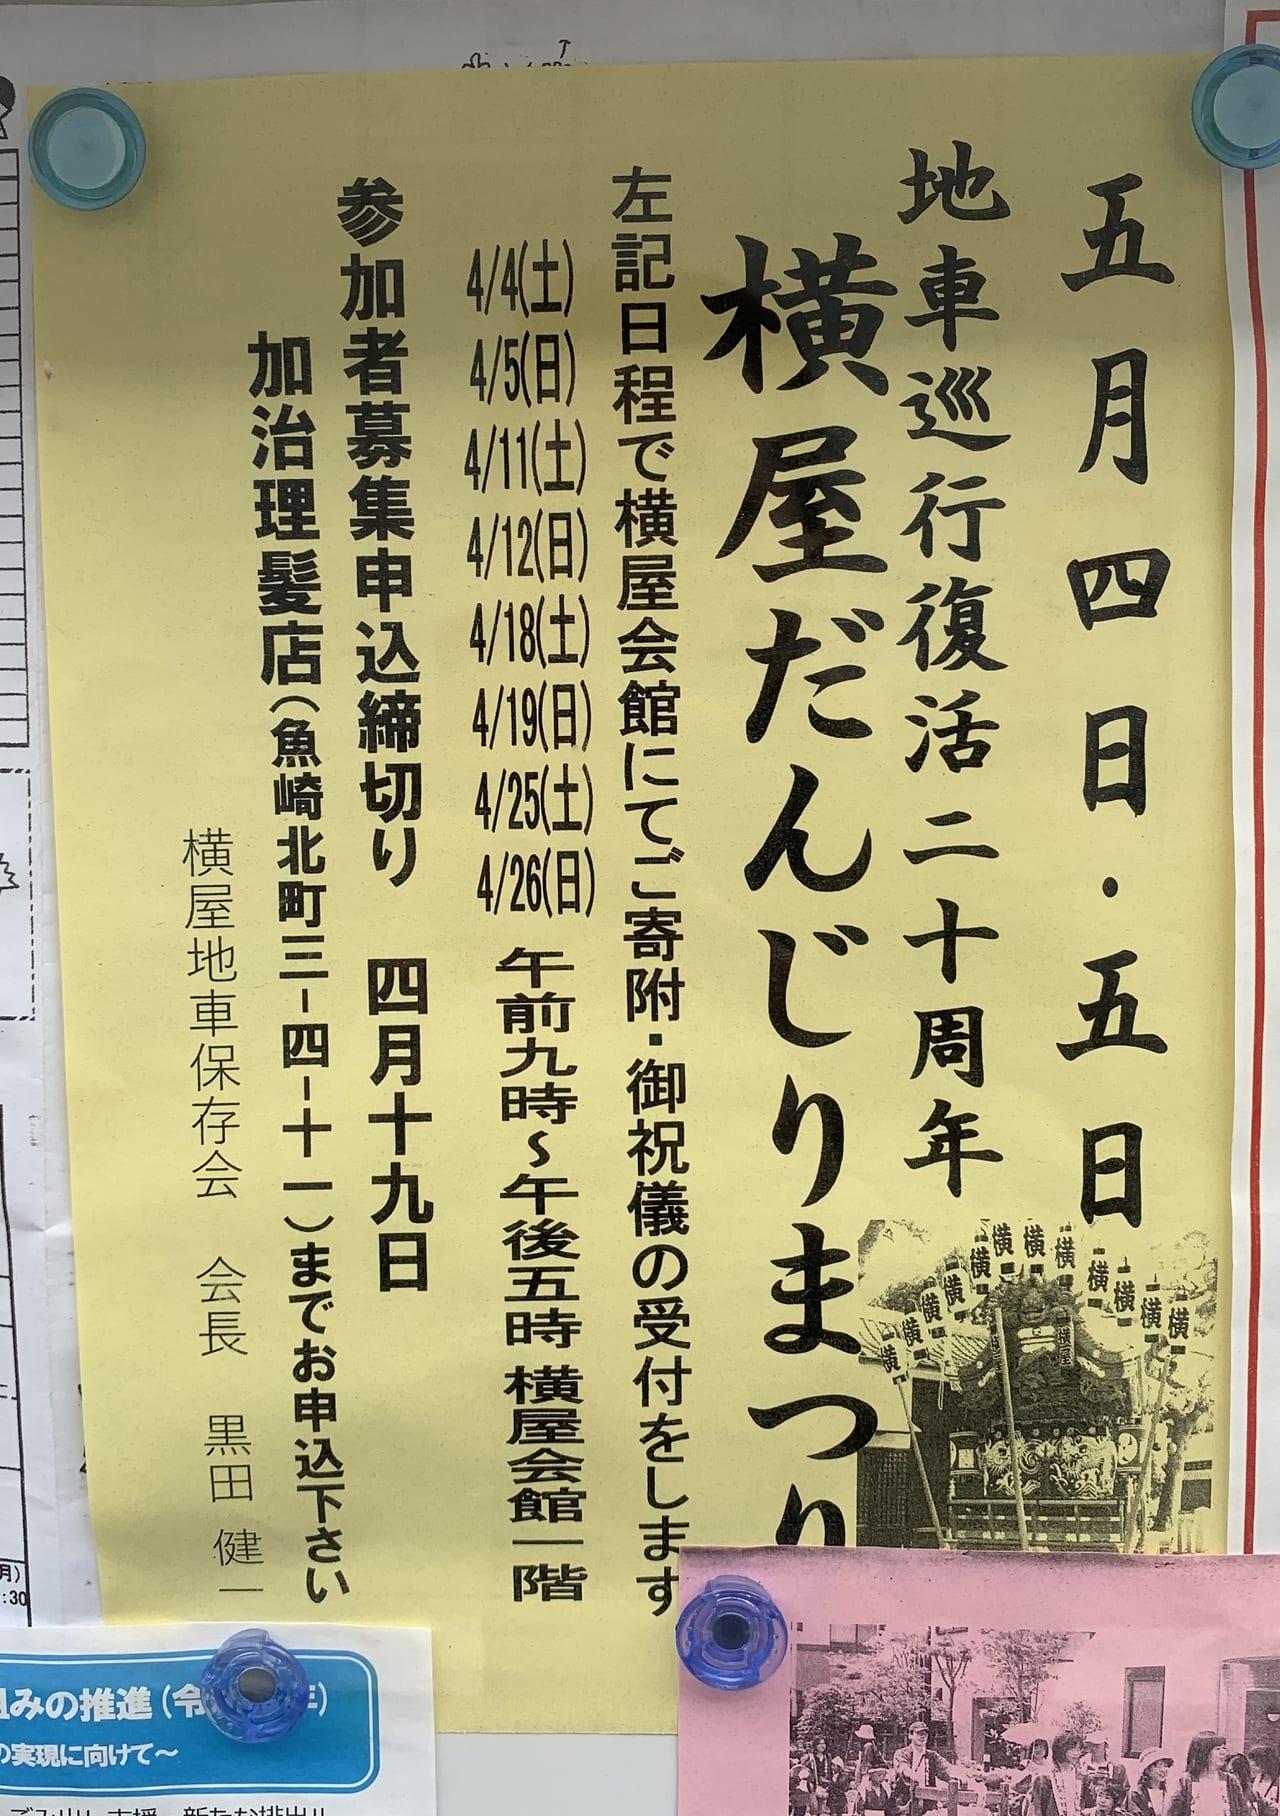 だんじりポスター2020東灘区